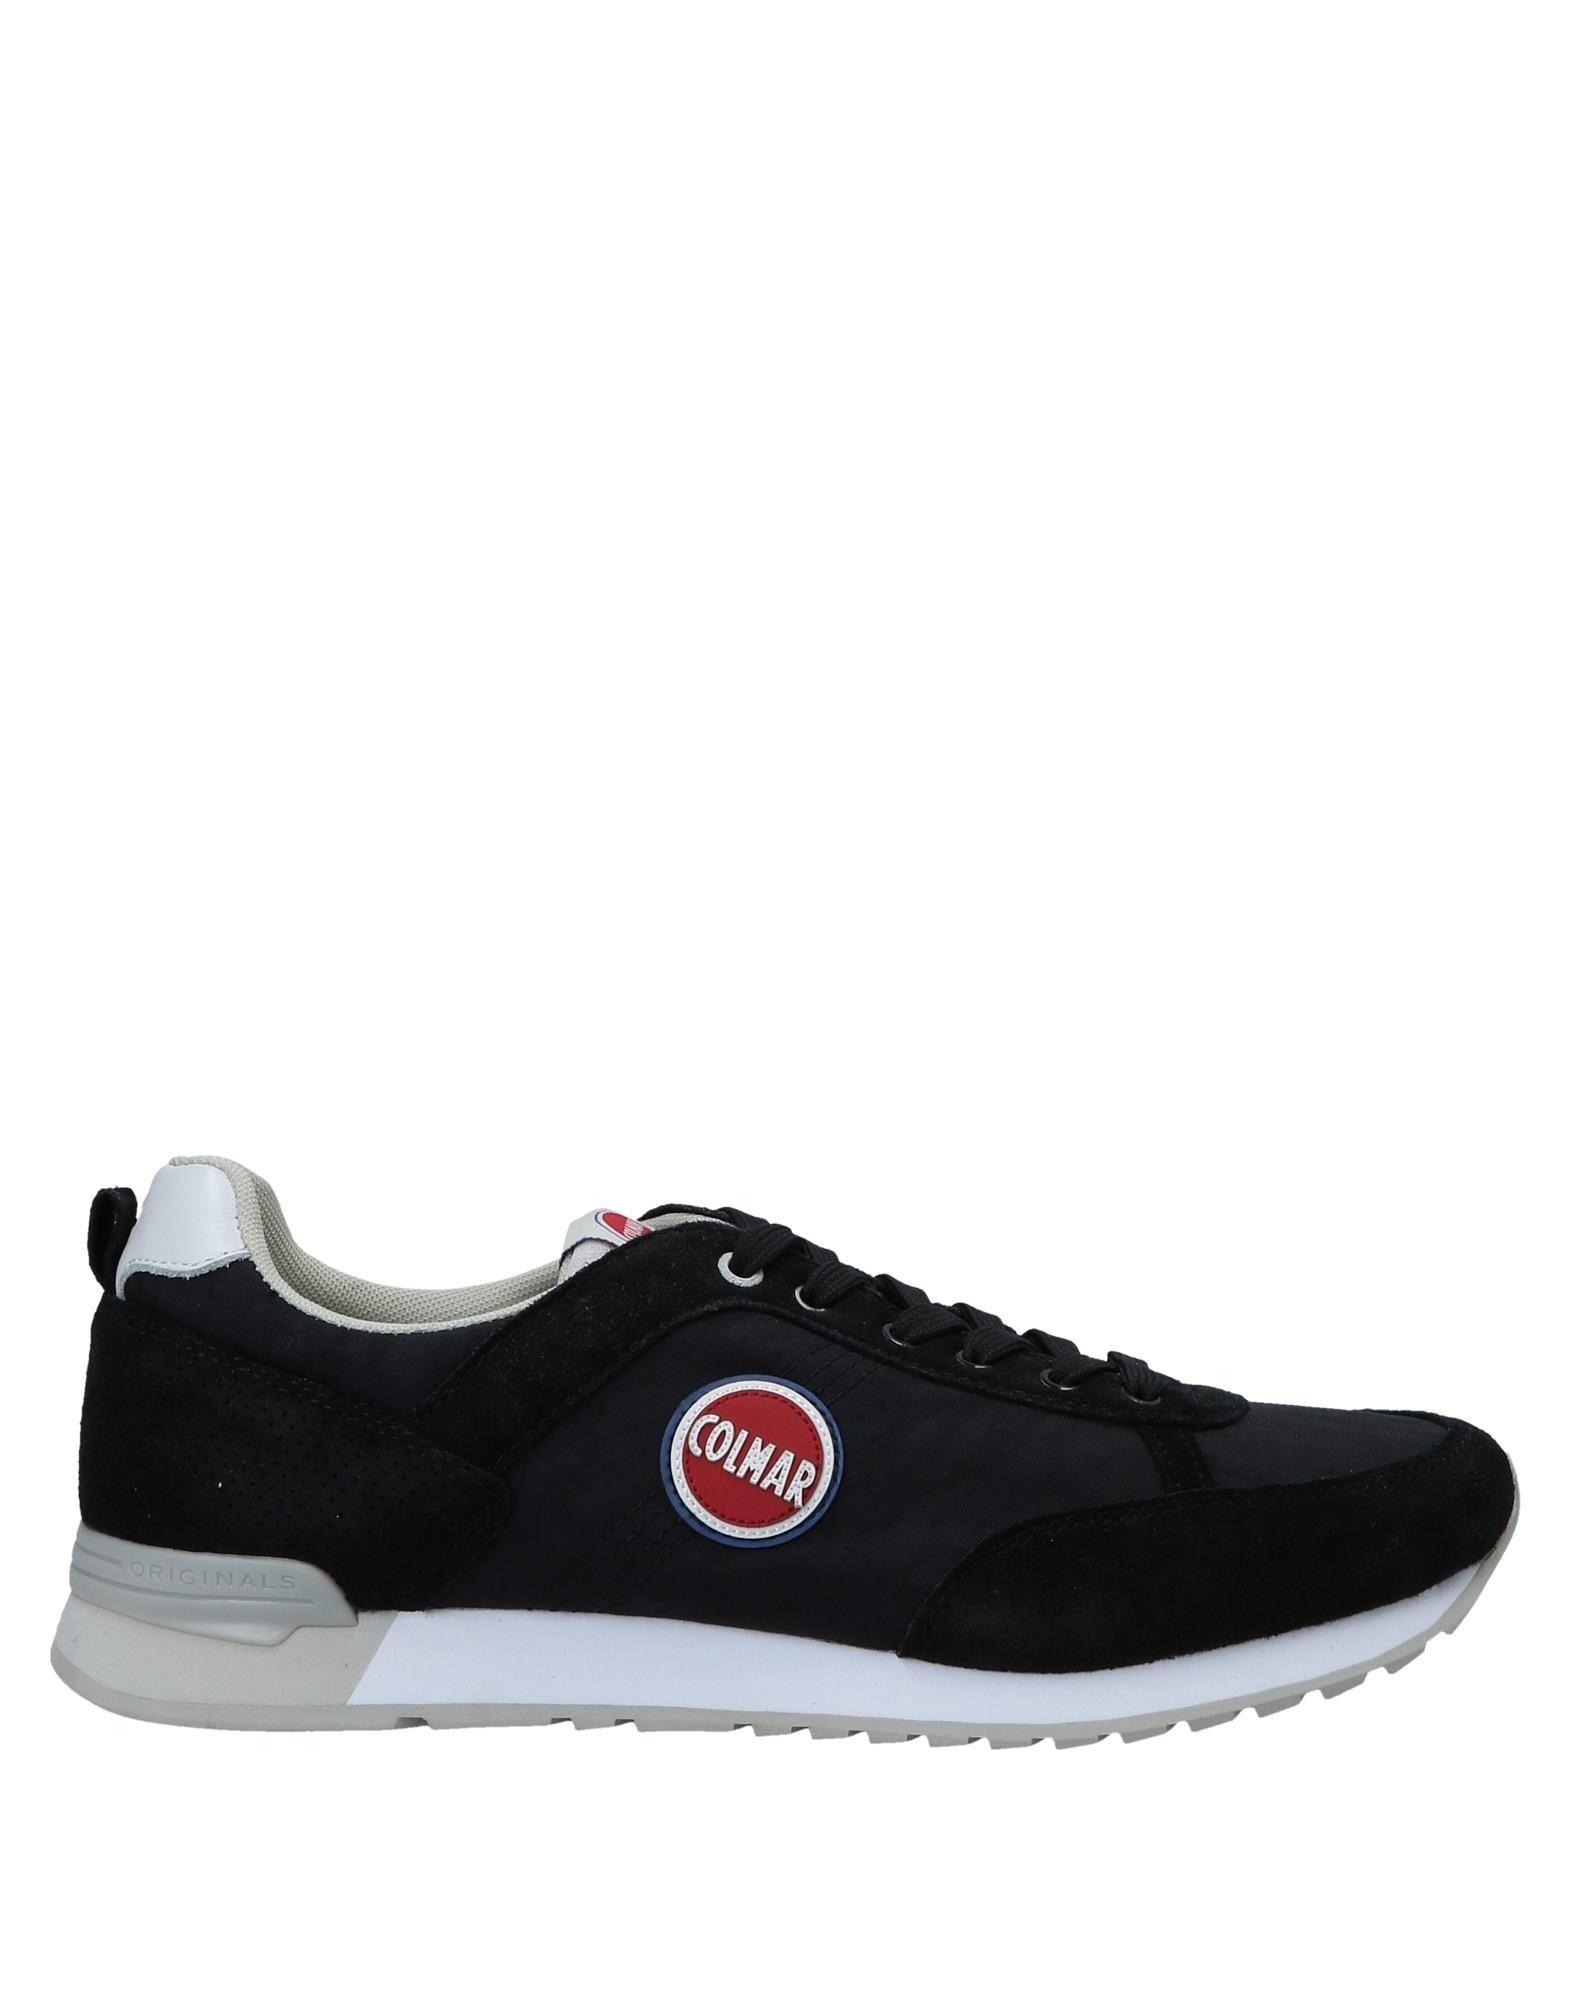 Sneakers Colmar Uomo - 11556278RH Scarpe economiche e buone